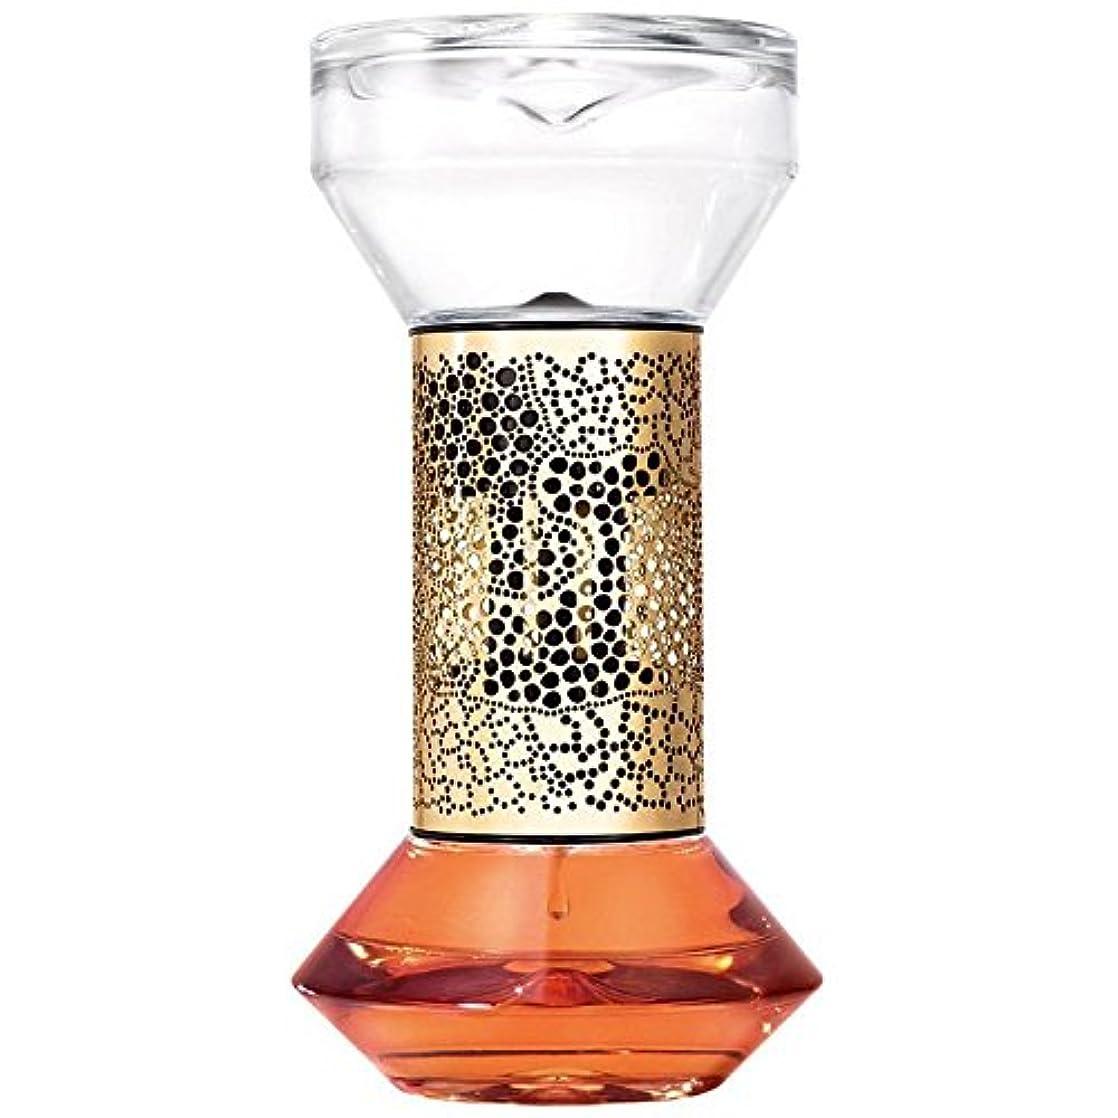 多様な狼パキスタン人Diptyque - Orange Blossam Hourglass Diffuser (ディプティック オレンジ ブロッサム アワー グラス ディフューザー) 2.5 oz (75ml) New